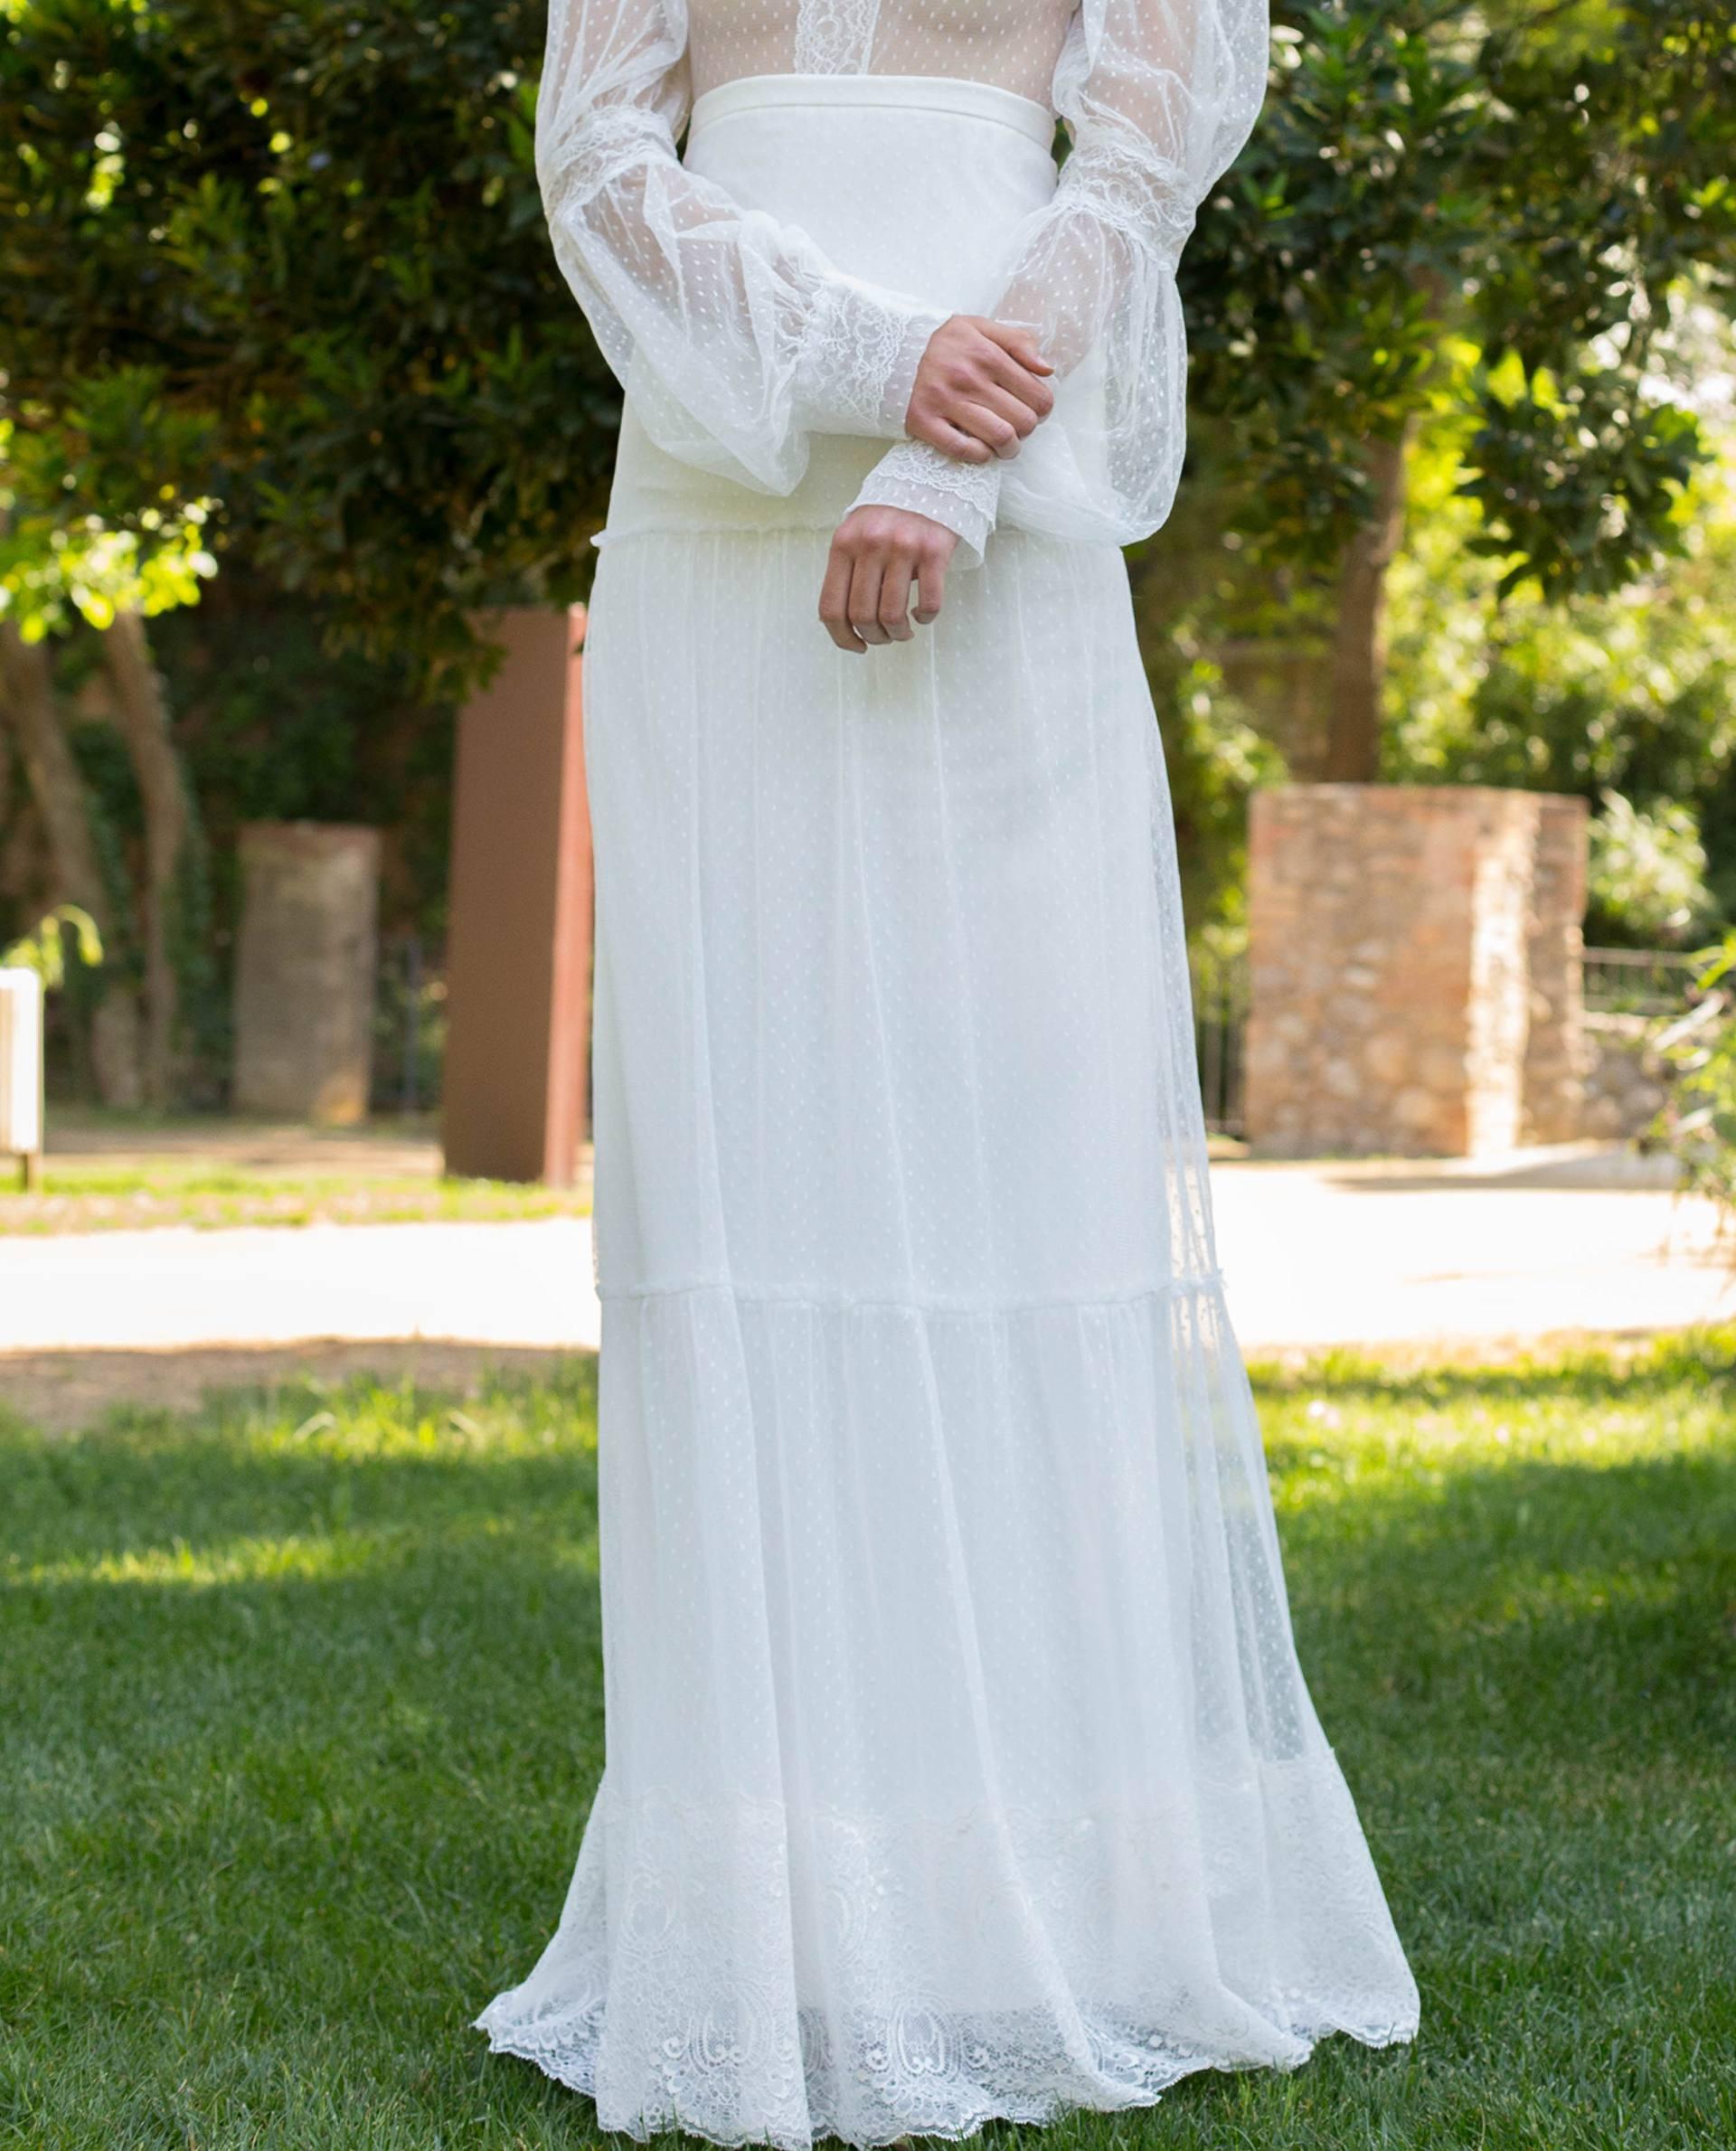 BRIDAL-NATURE 2018/19 - FALDAS - Conjunto falda Elena con cuerpo Victoria